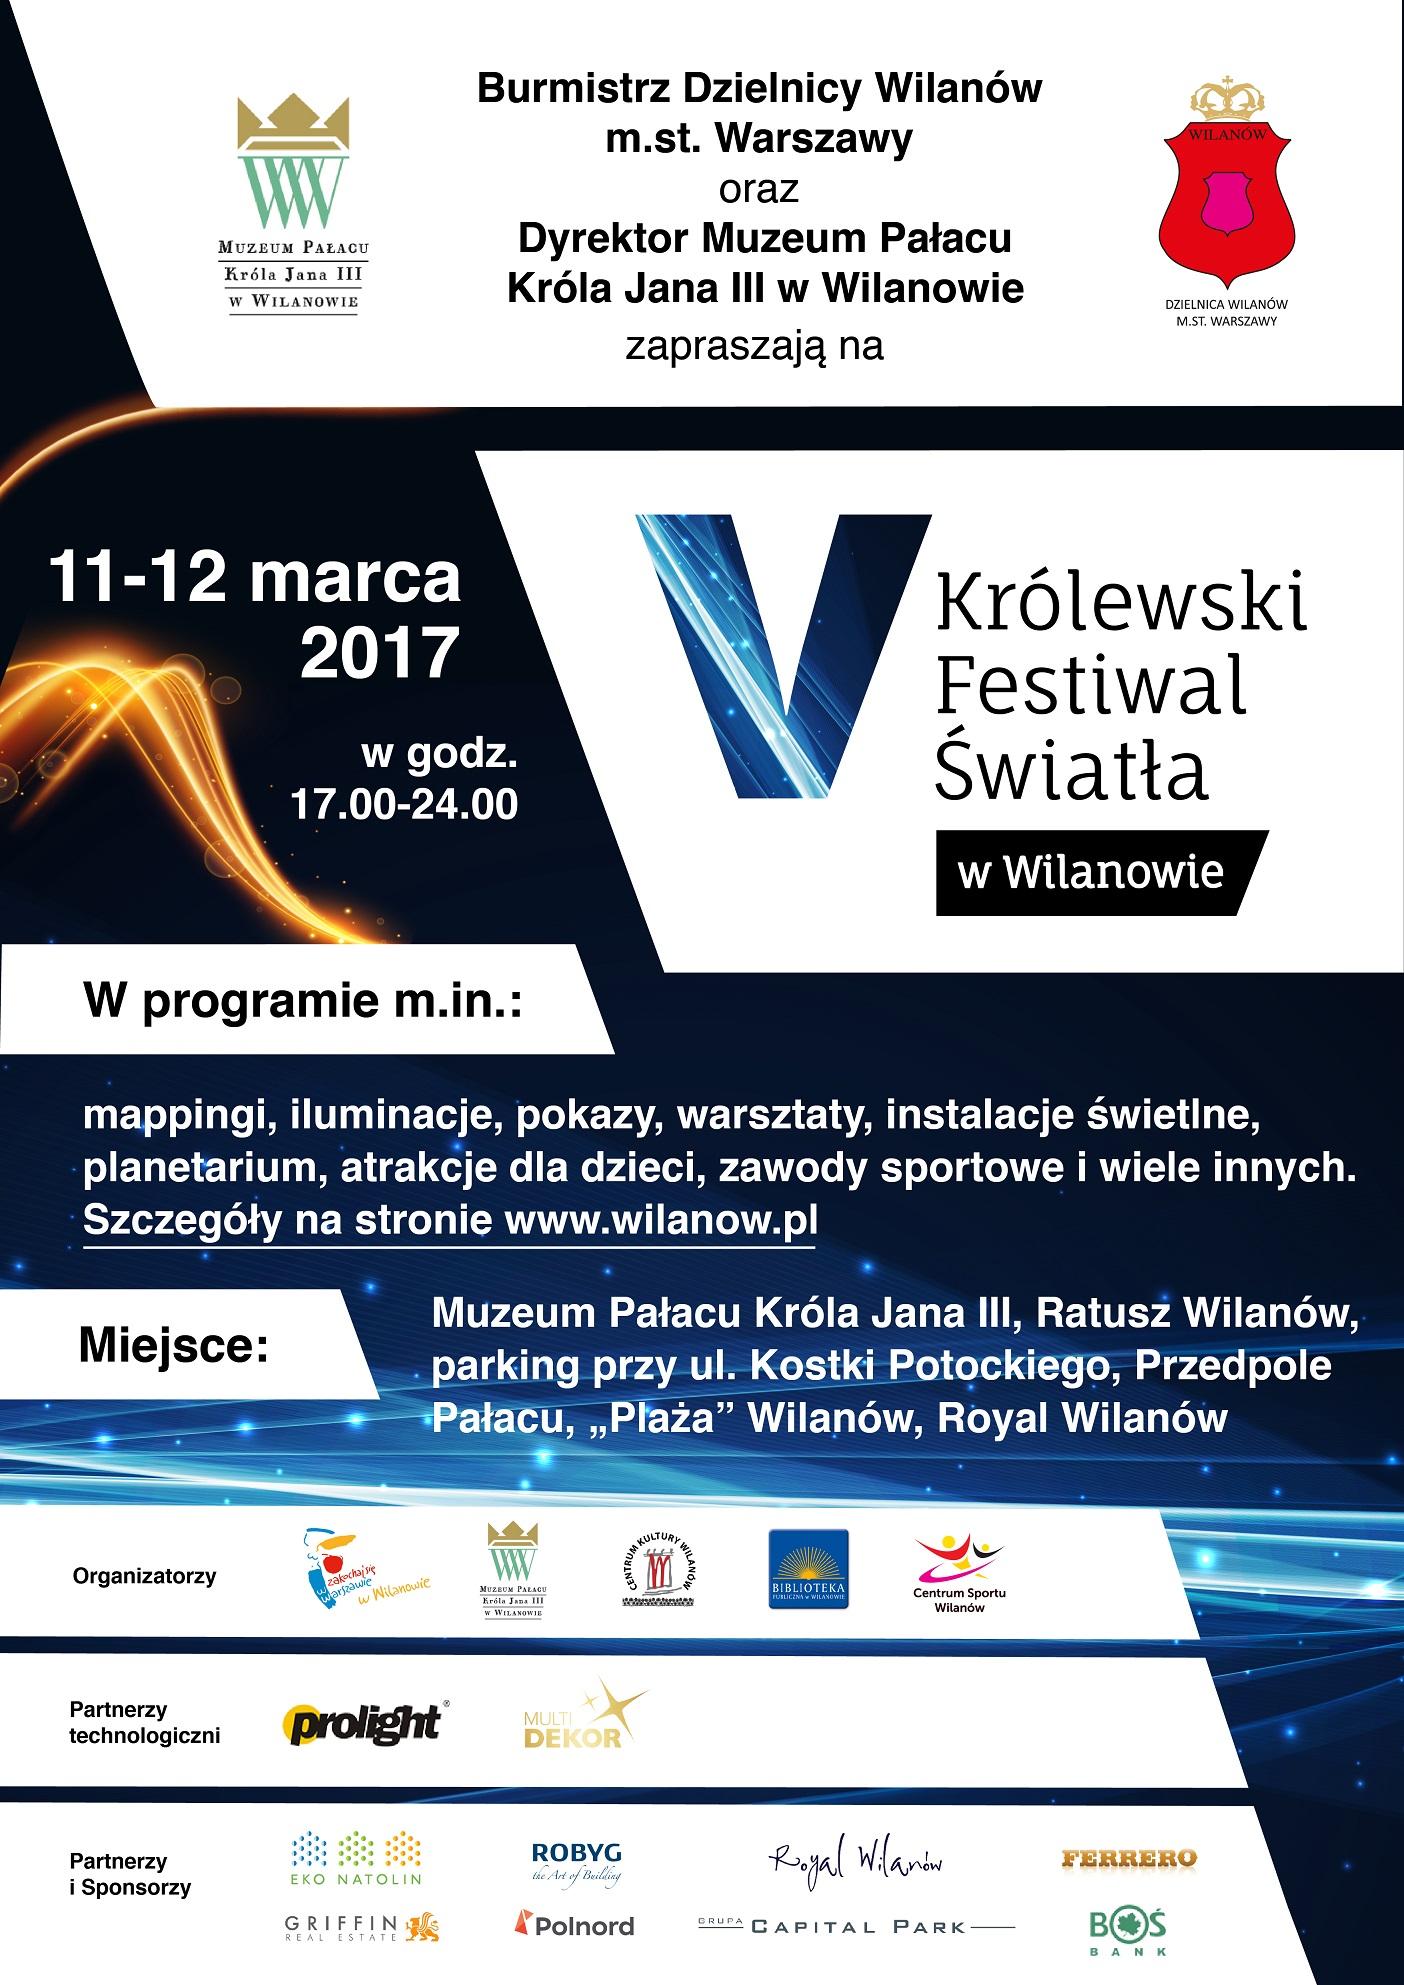 krolewski_festiwal_swiatla_marzec_2017